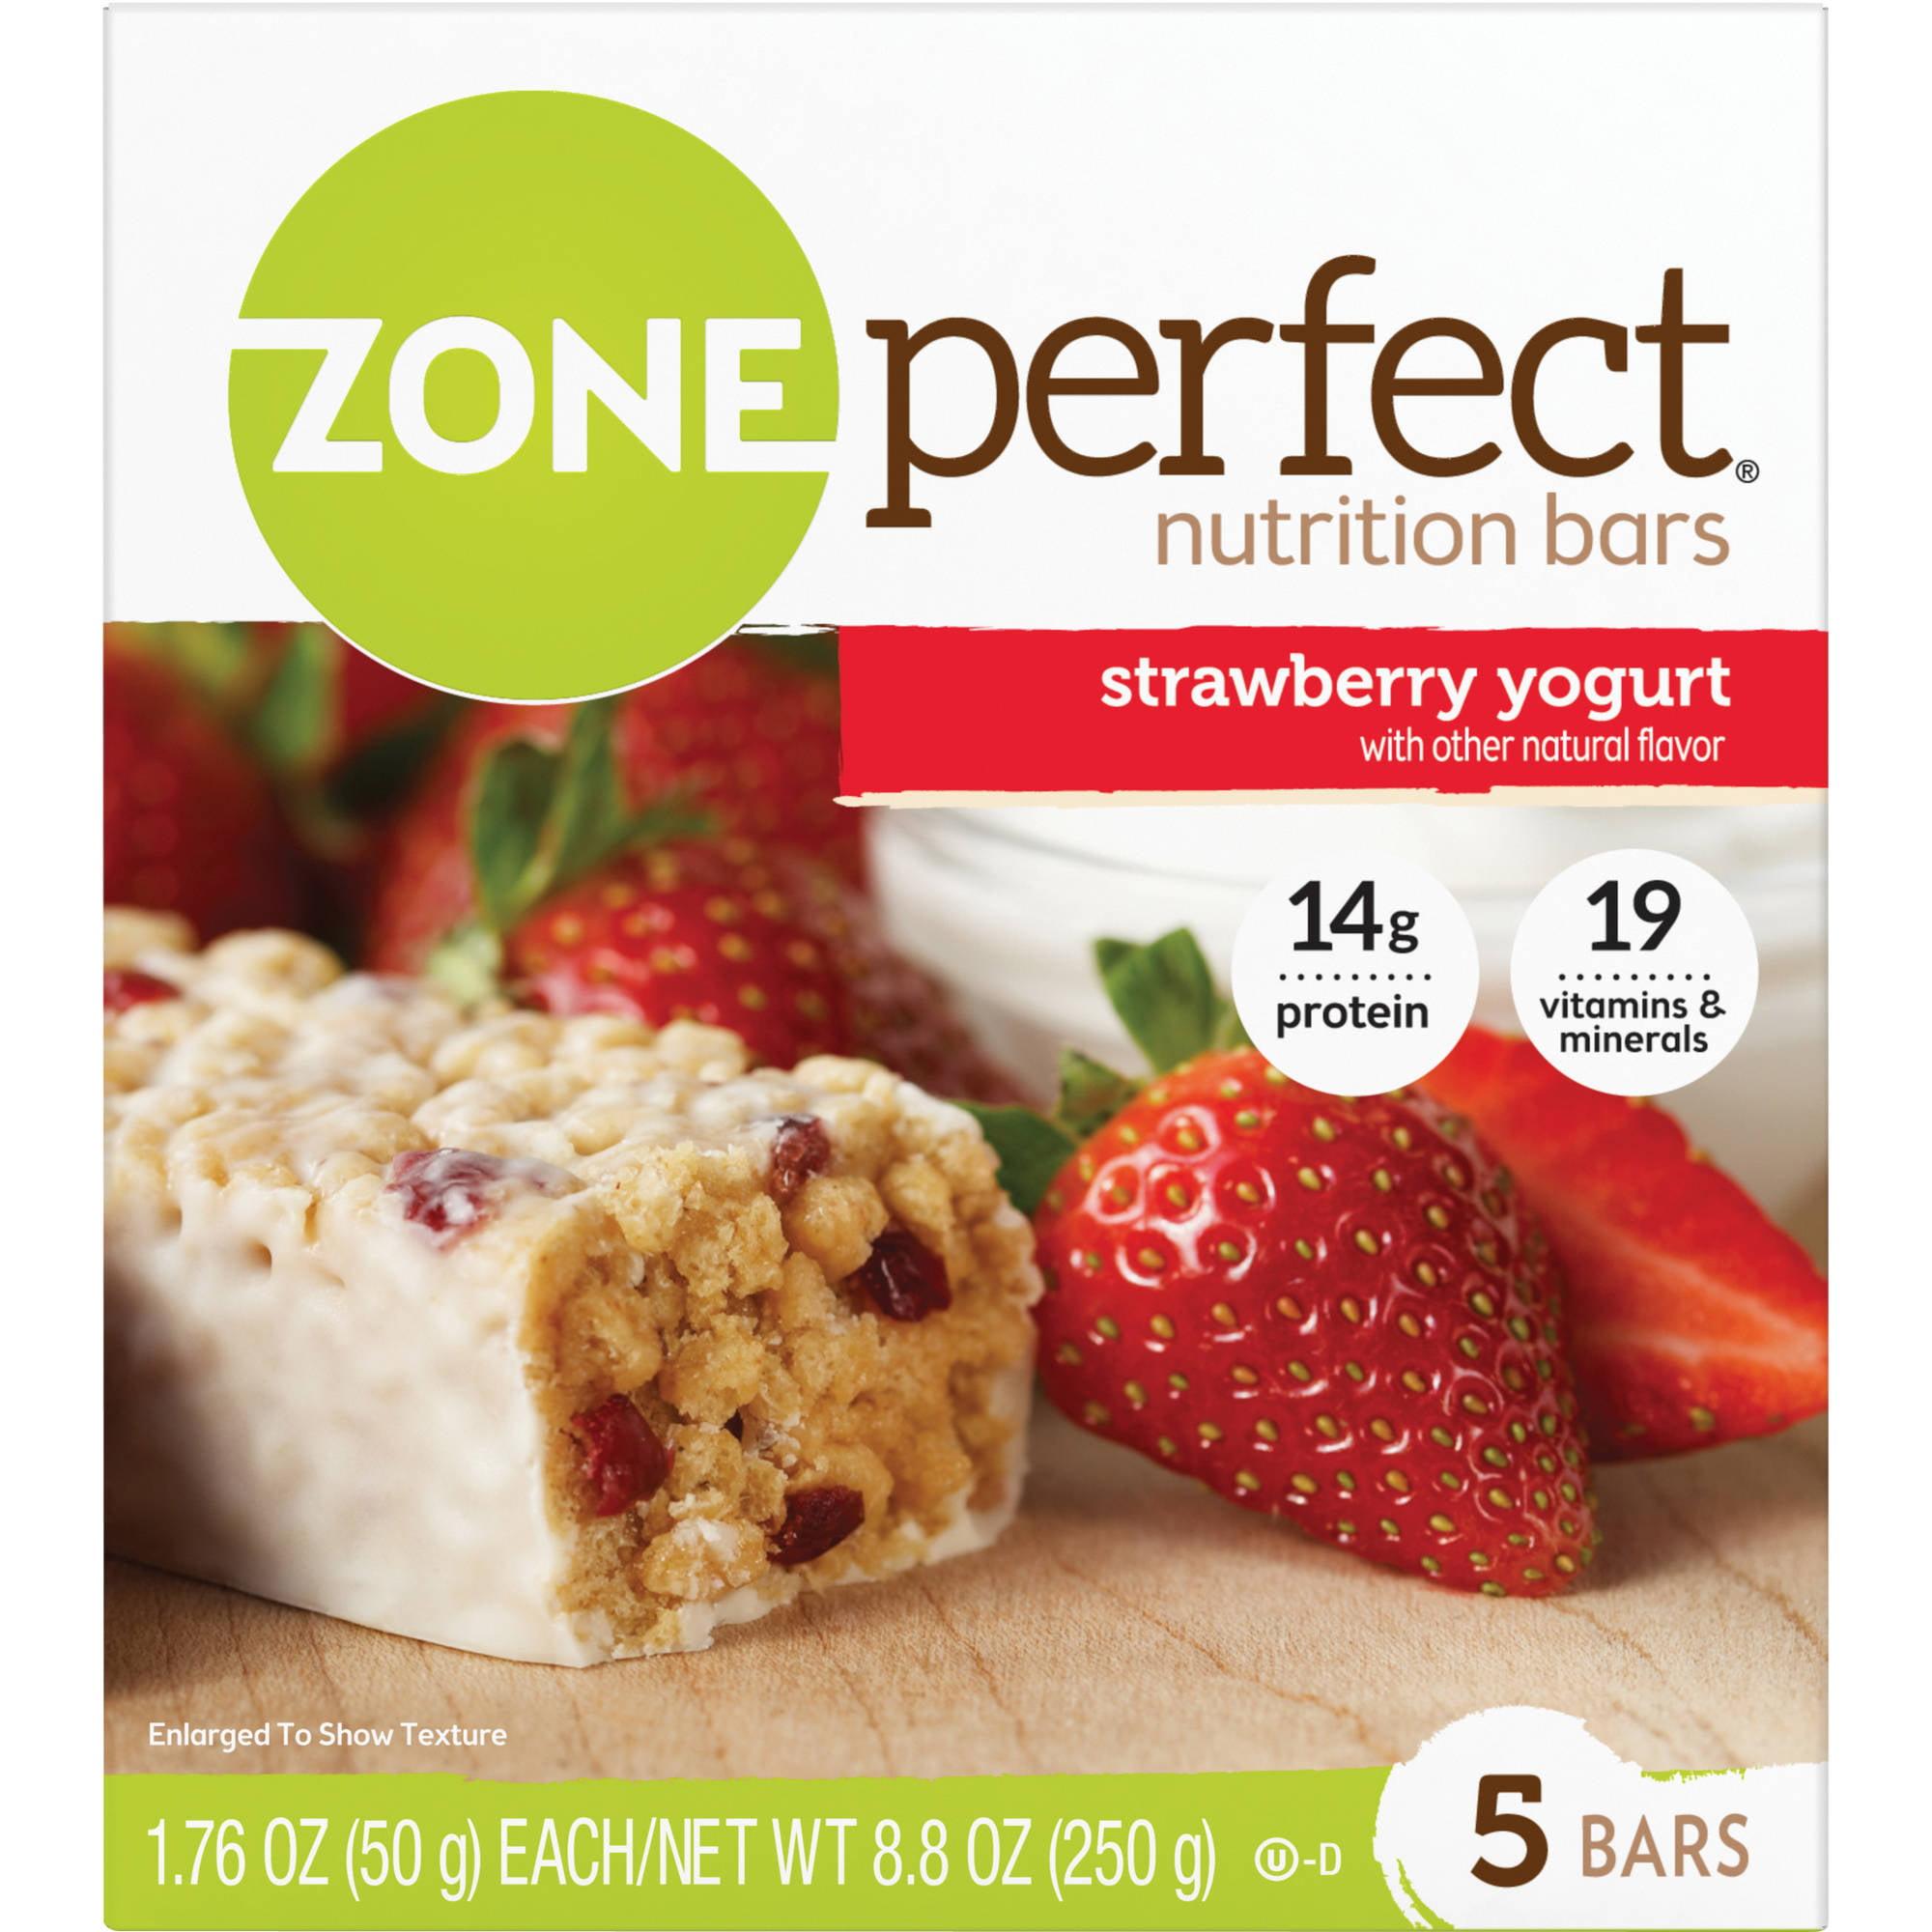 ZonePerfect Nutrition Bars, Strawberry Yogurt, 5 Pack